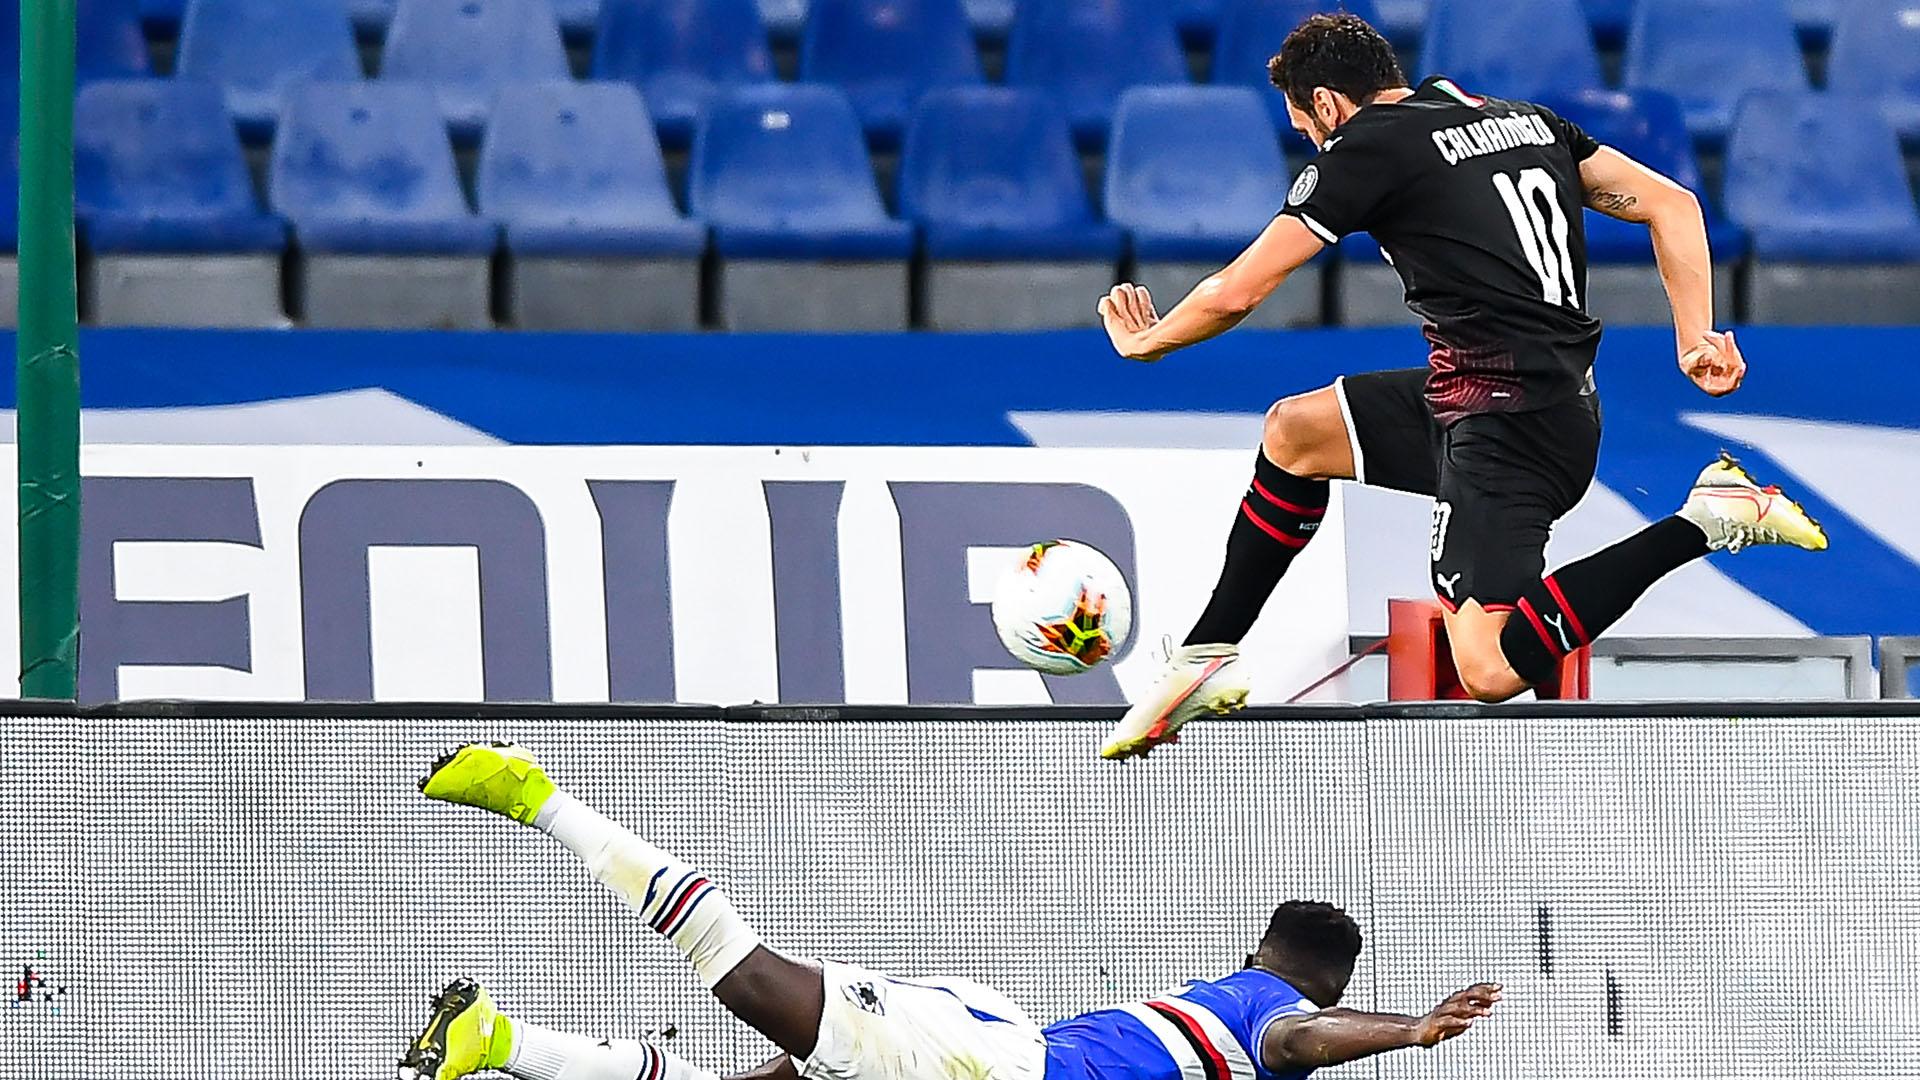 Sampdoria-Milan 1-4 - Le foto di Sampdoria-Milan 1-4 | Virgilio Sport